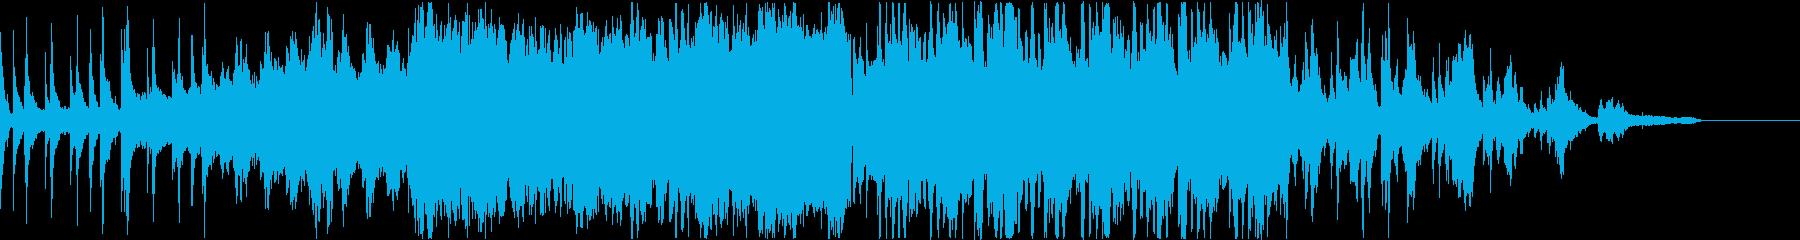 アイヌ楽器使用、自然を感じる静かな曲の再生済みの波形